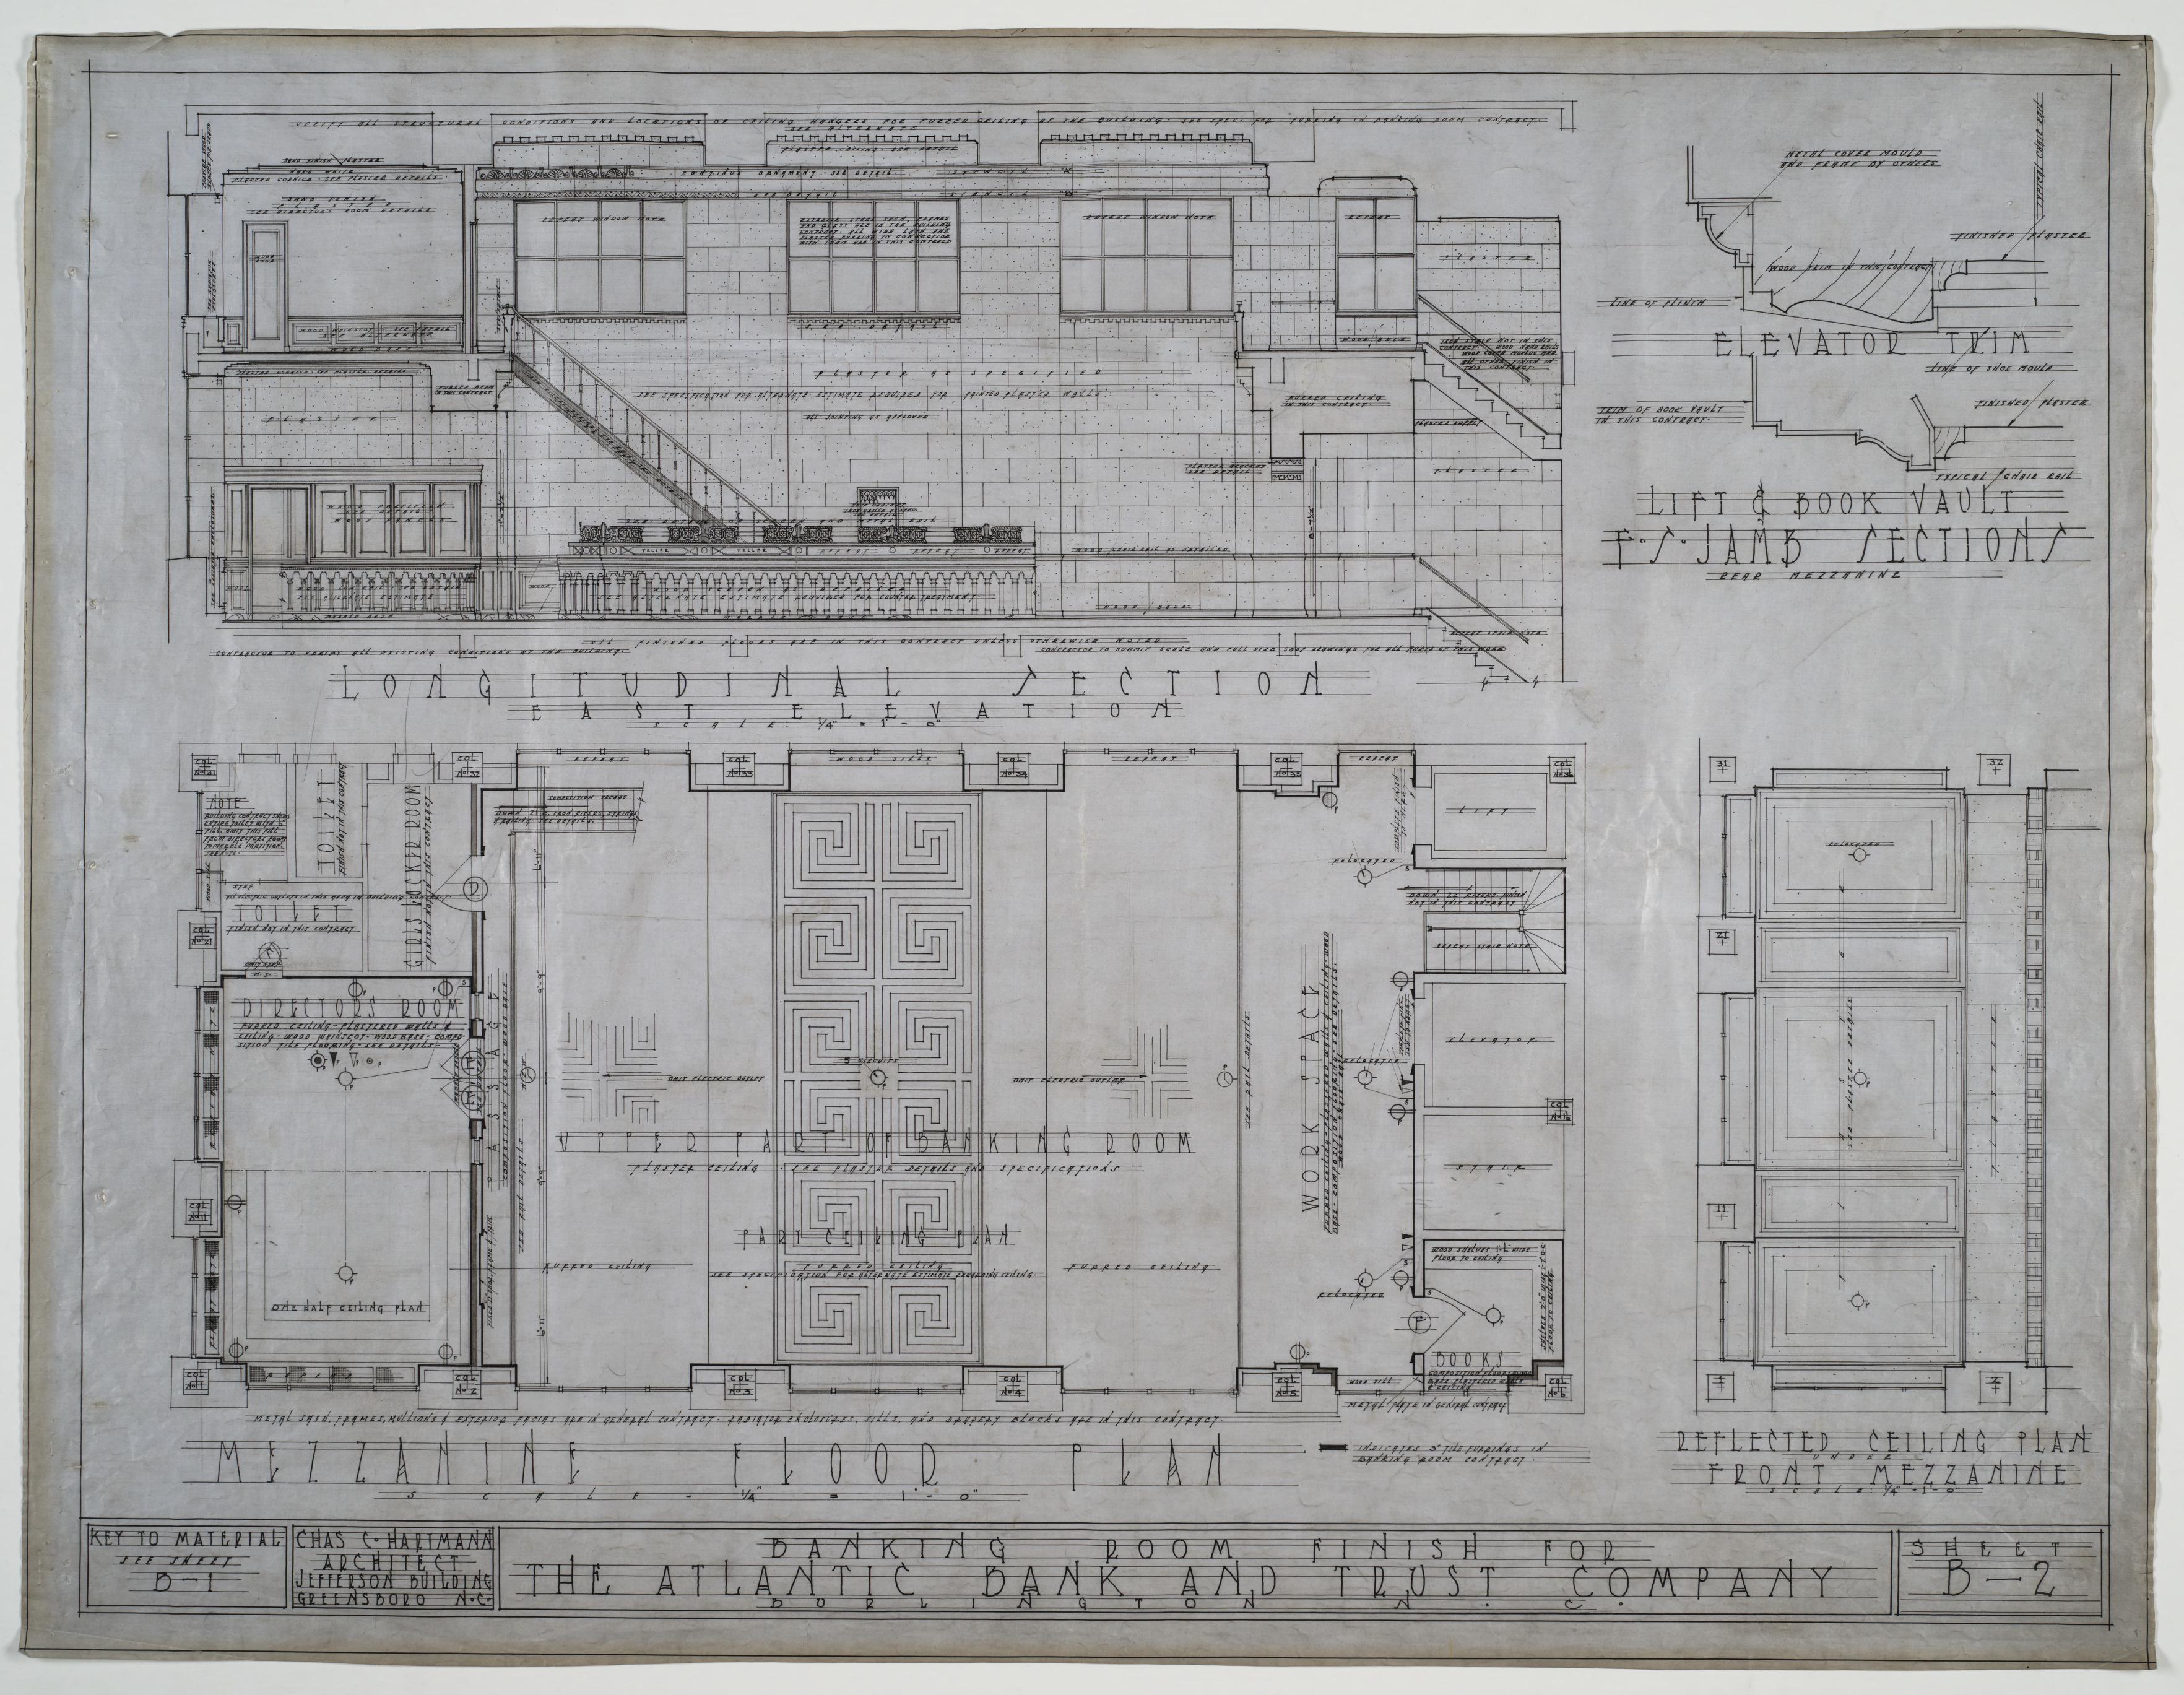 Mezzanine floor plan elevation and ceiling atlantic bank for Mezzanine floor plan